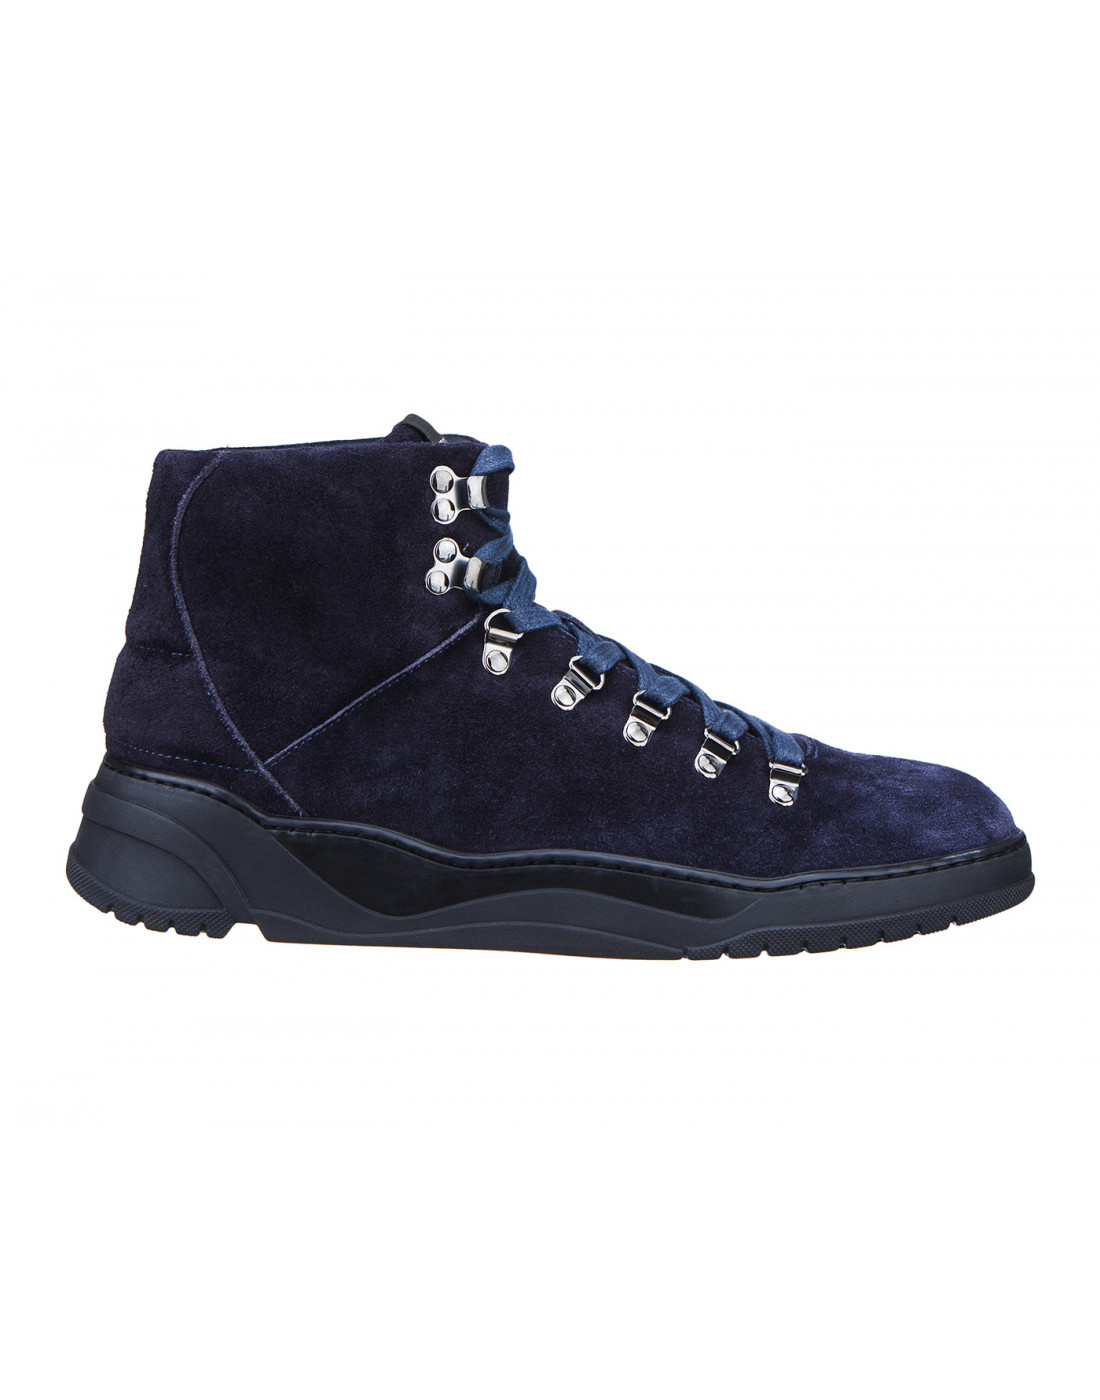 Кроссовки синие мужские Stokton S667 BLUE-1